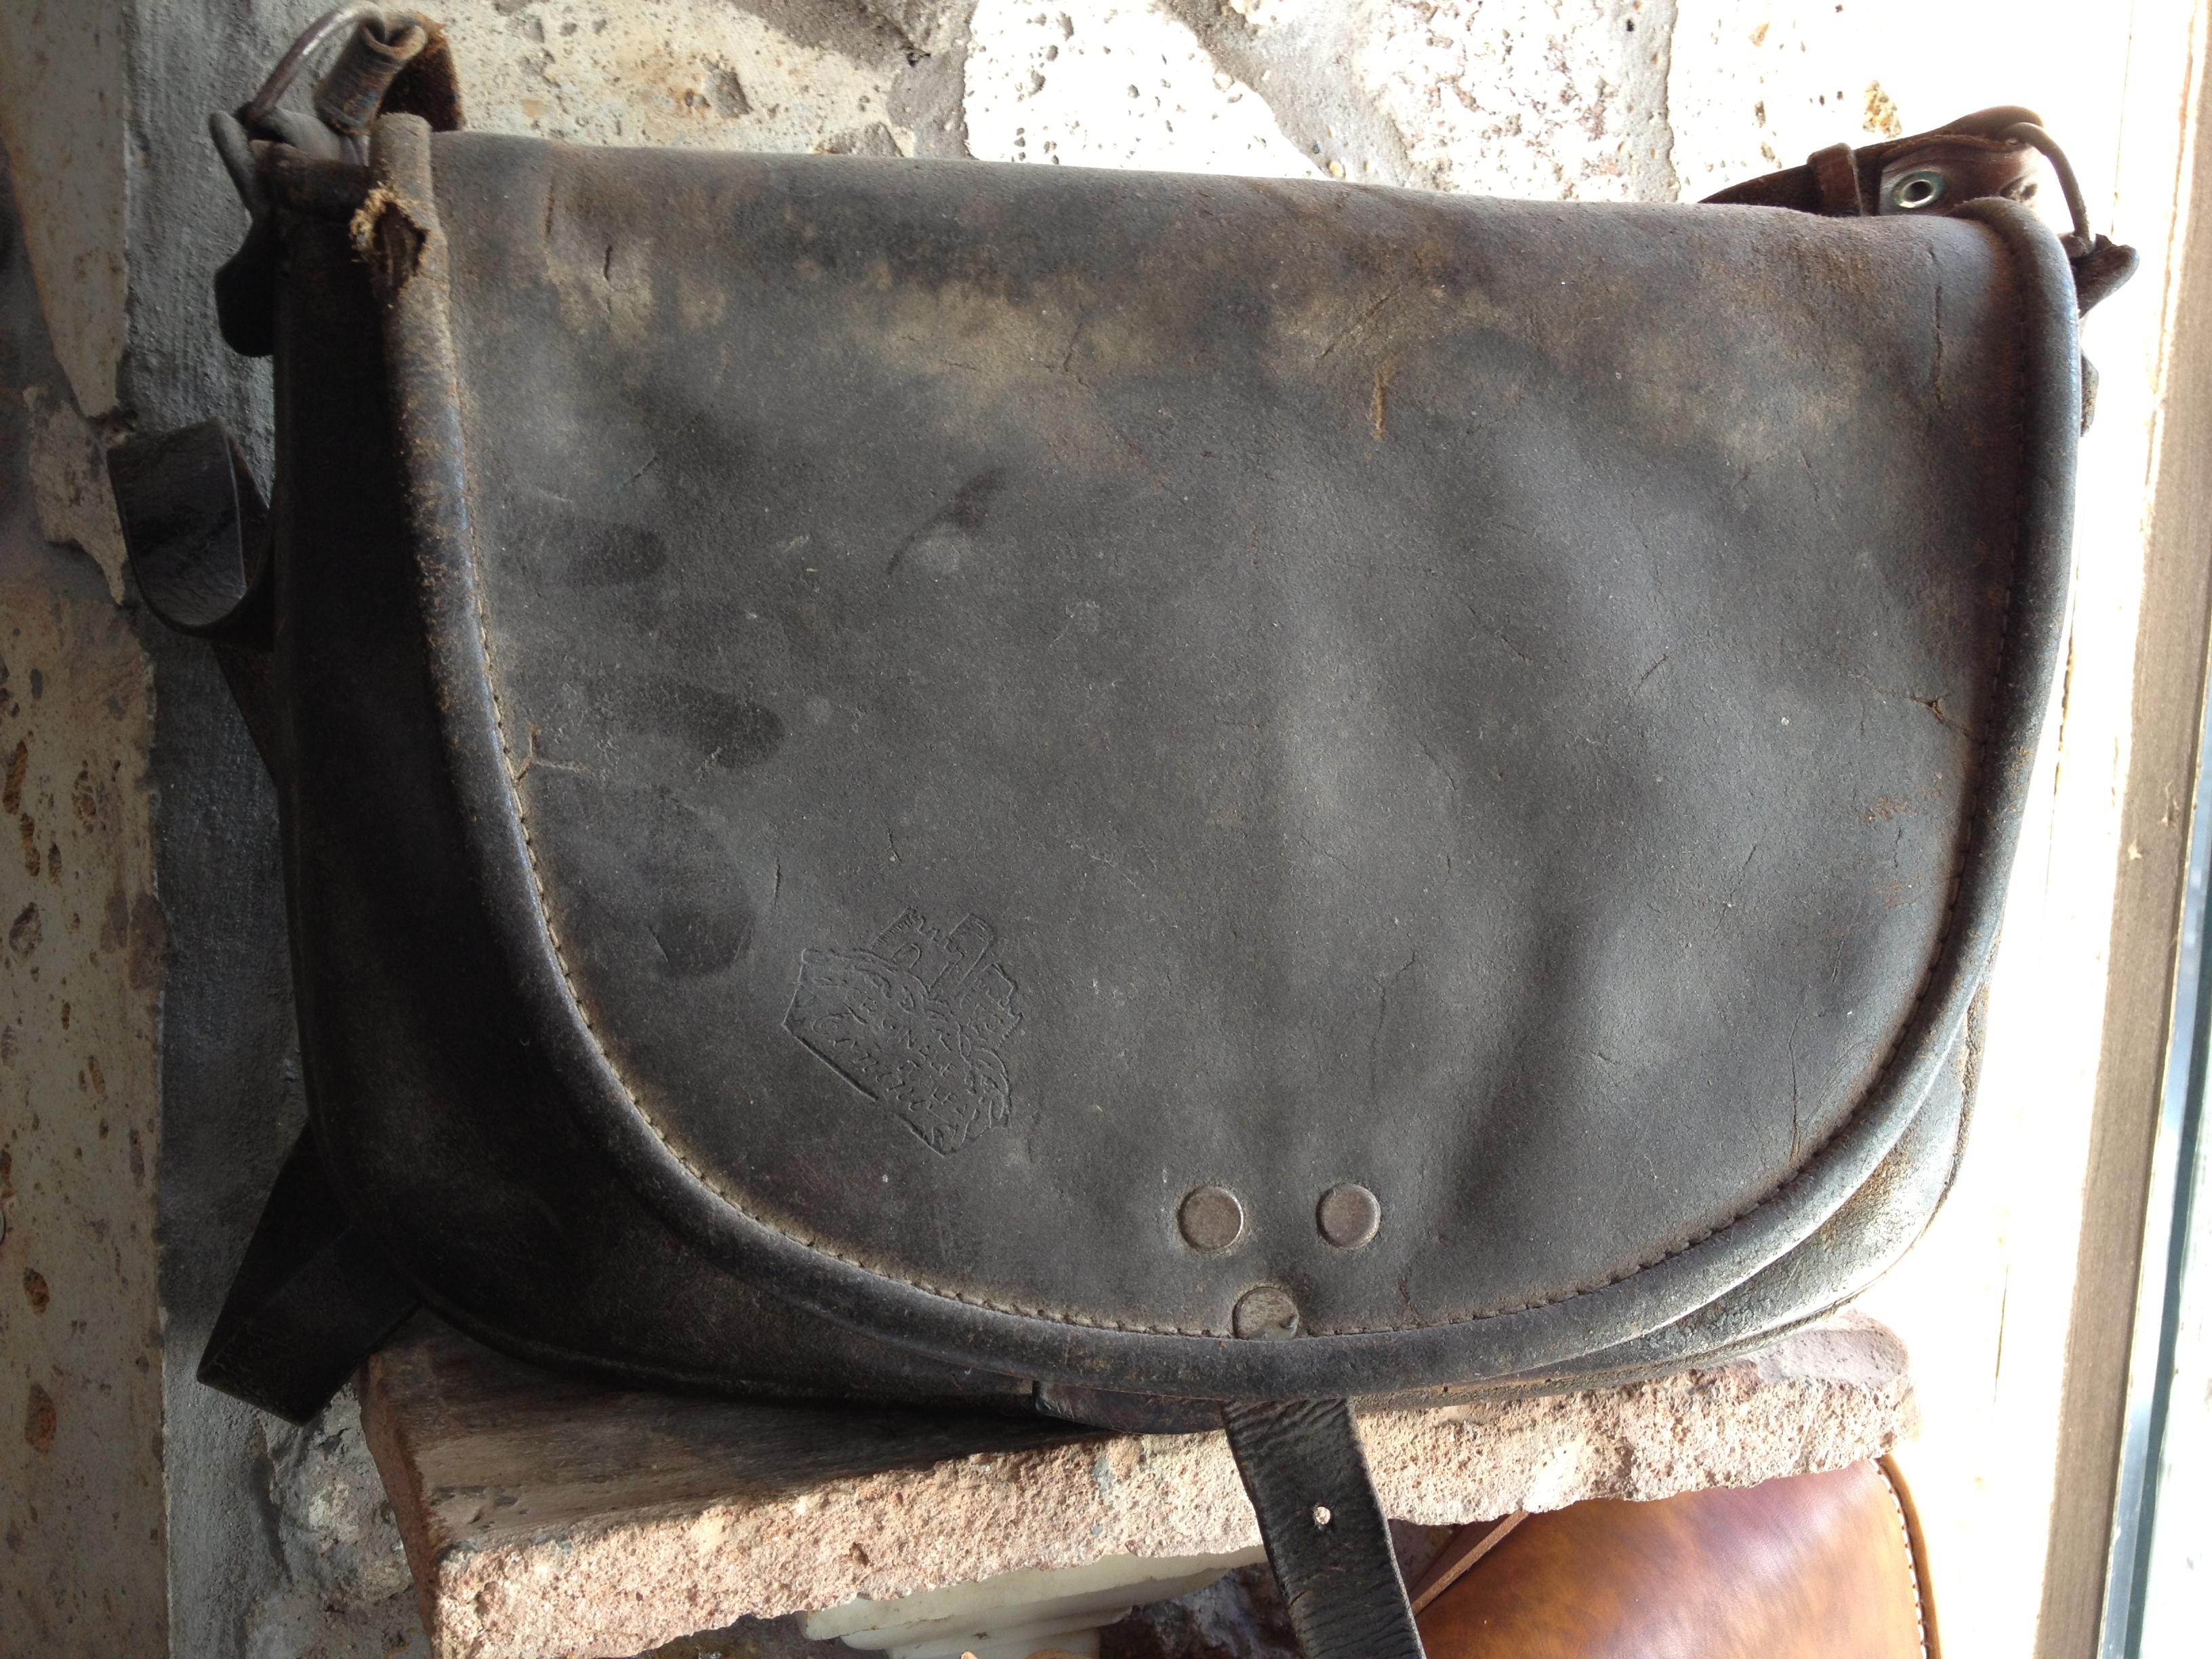 Borse cuoio artigianali uomo : Progetto catana old model simbolo delle borse in pelle